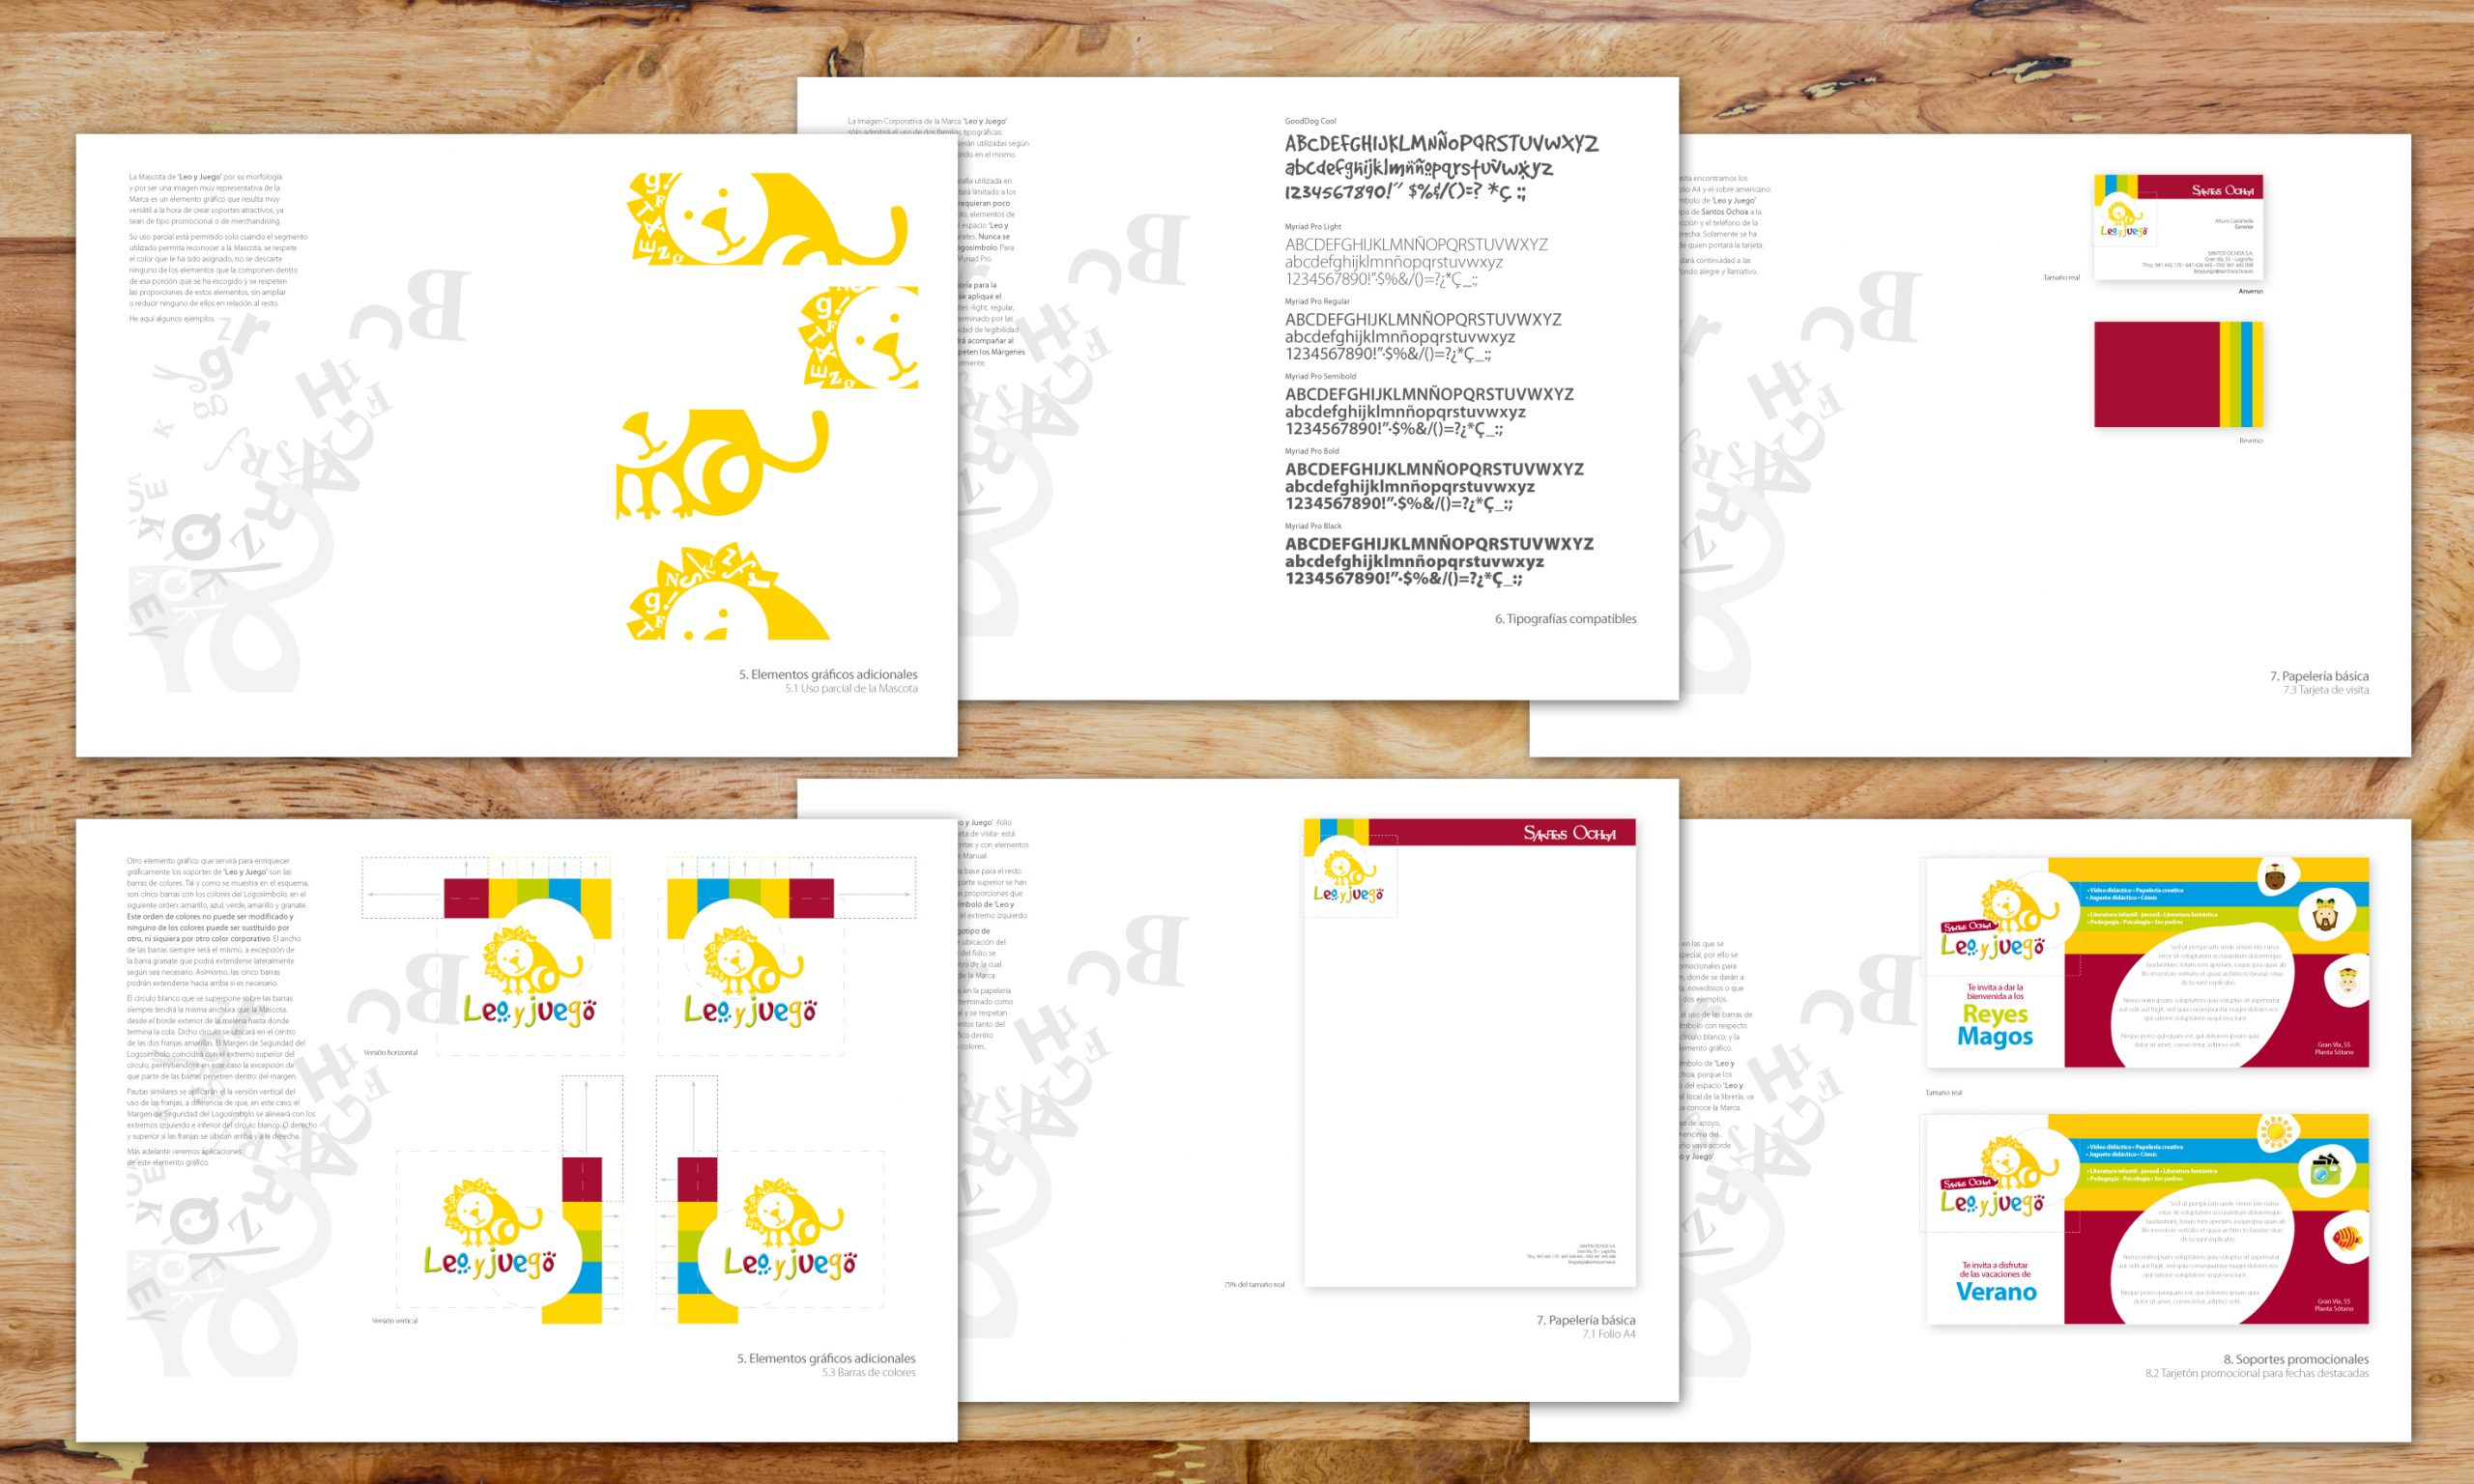 Diseño de papelería básica y tarjetón promocional. Aplicación de elementos gráficos adicionales.